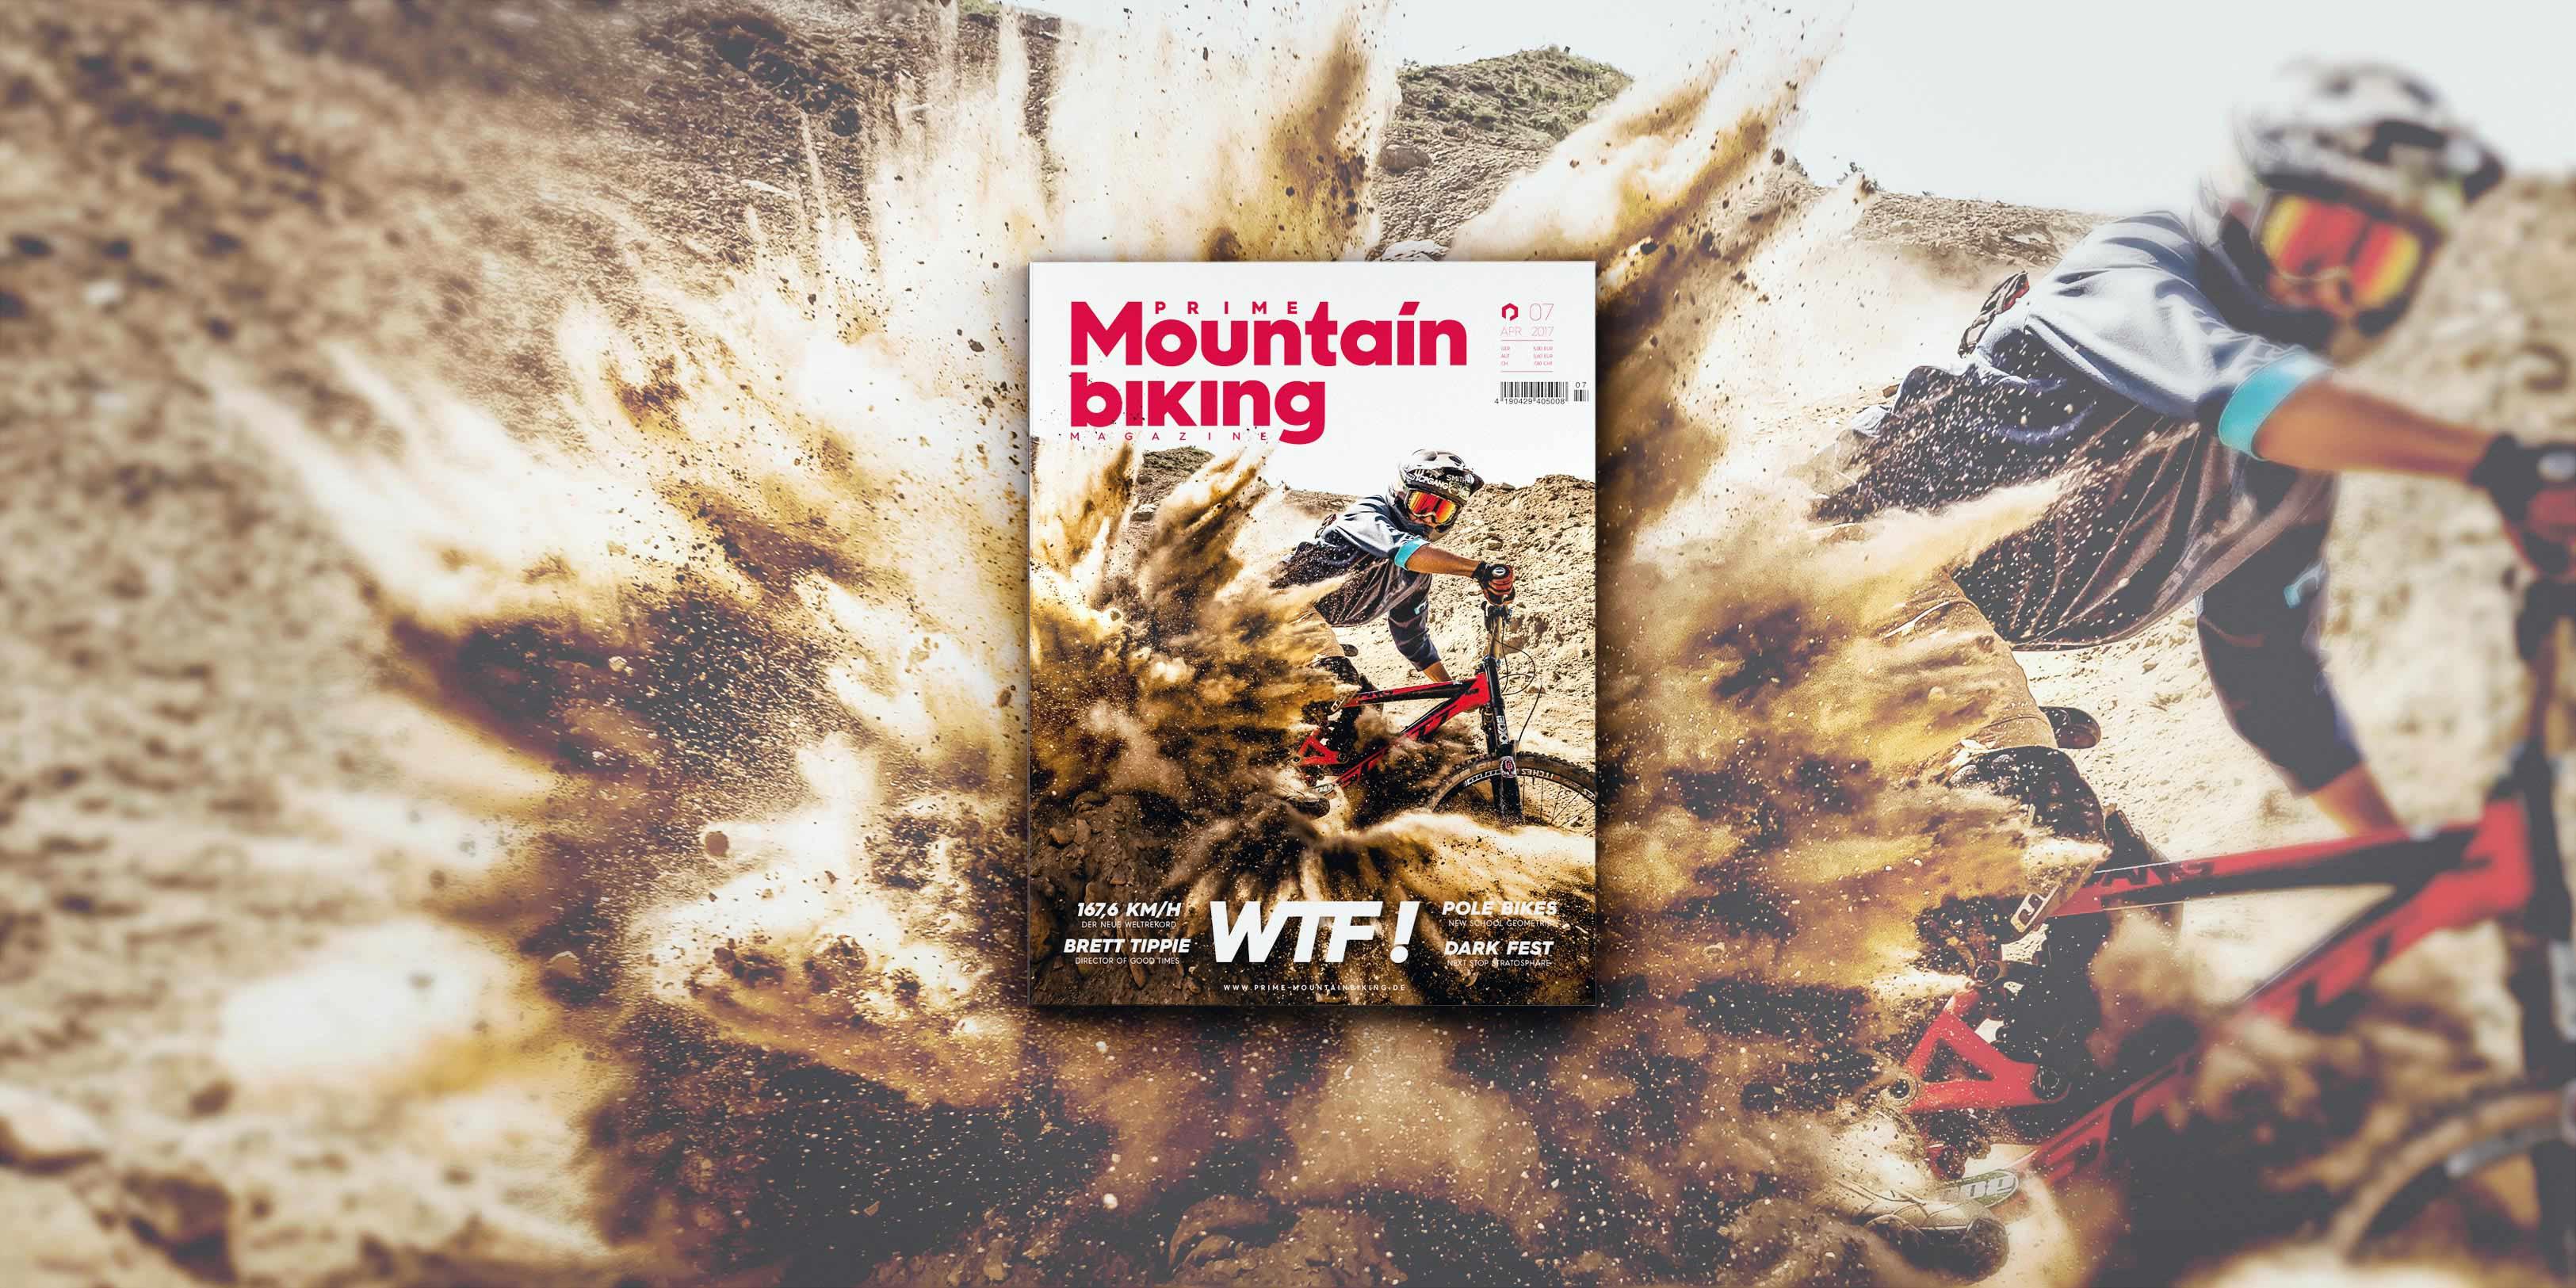 leserumfrage 2017 mitmachen gewinnen seite 7 von 9 prime mountainbiking. Black Bedroom Furniture Sets. Home Design Ideas